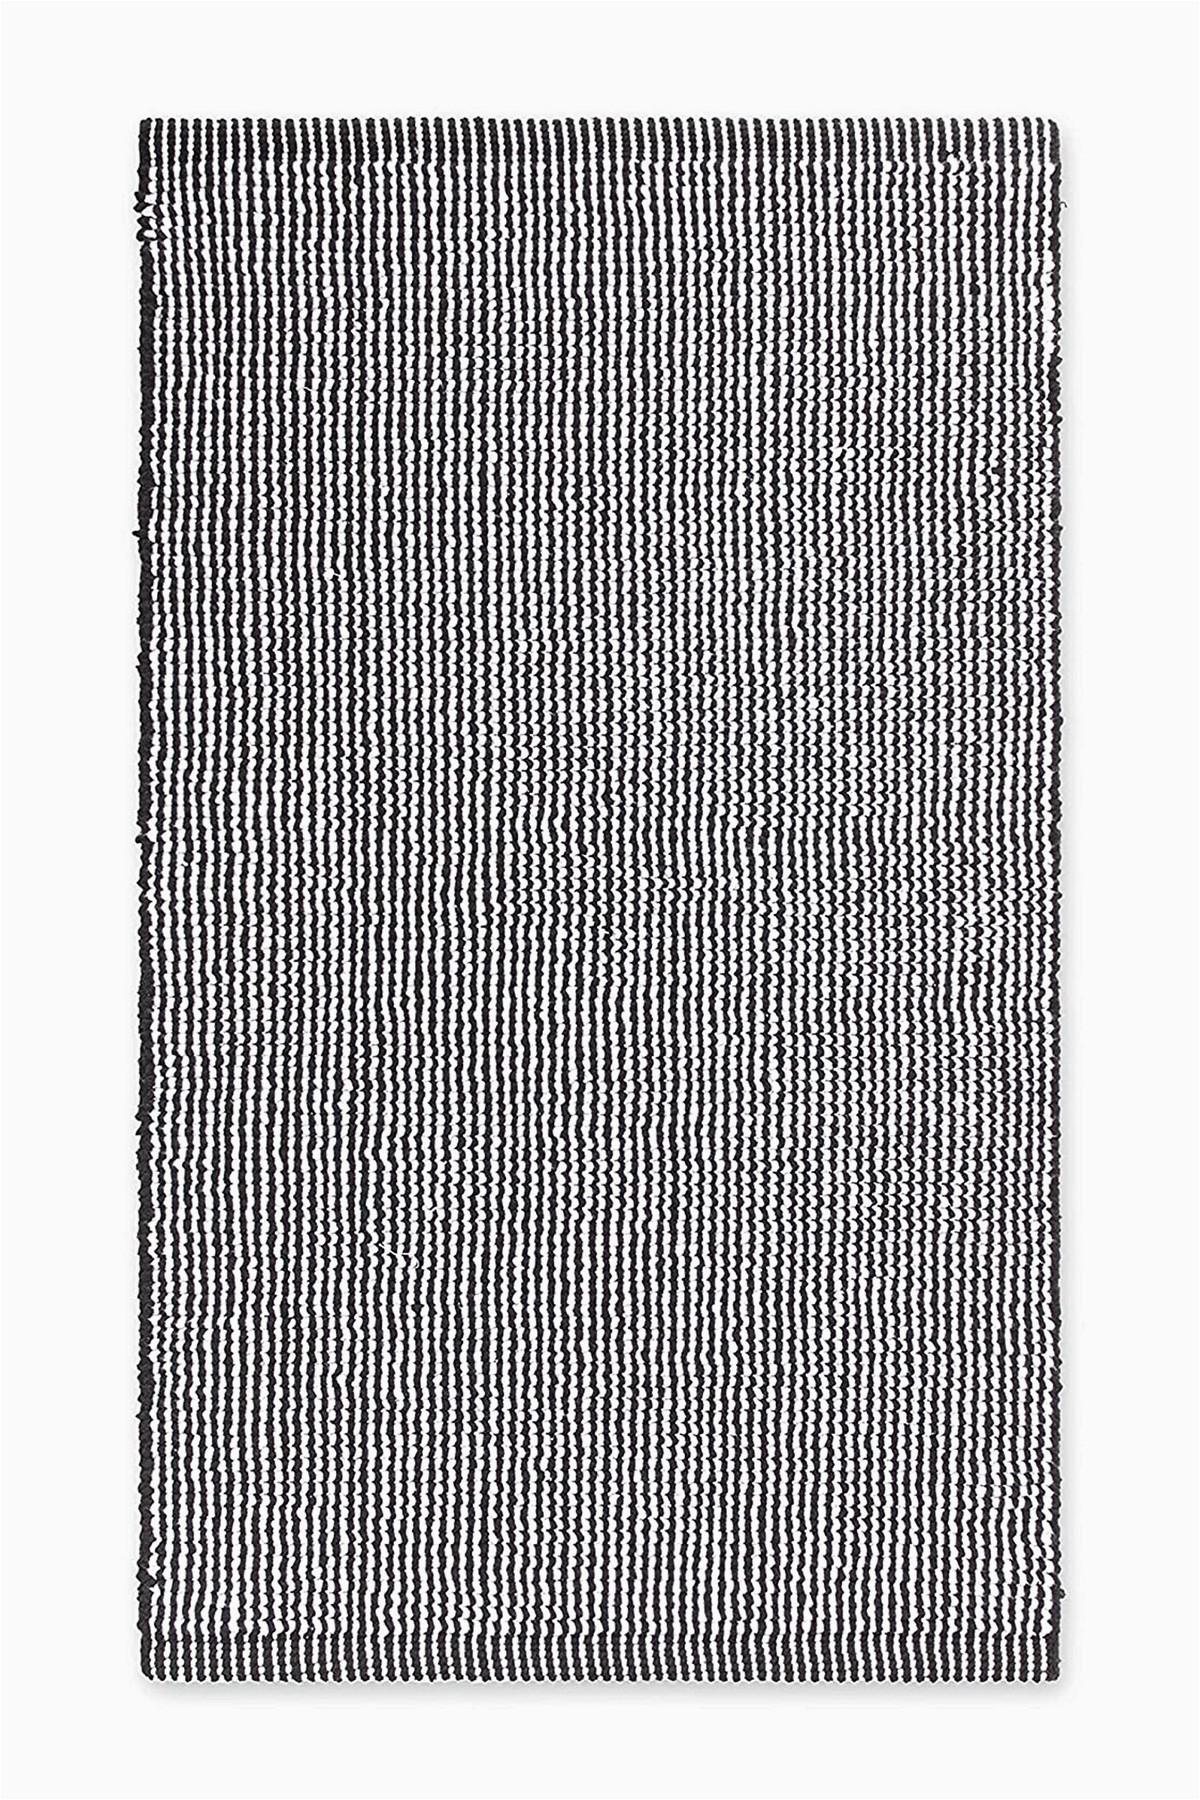 calvin klein calvin klein donald bath rug white black 21 x 34 color=WHITE/BLACK